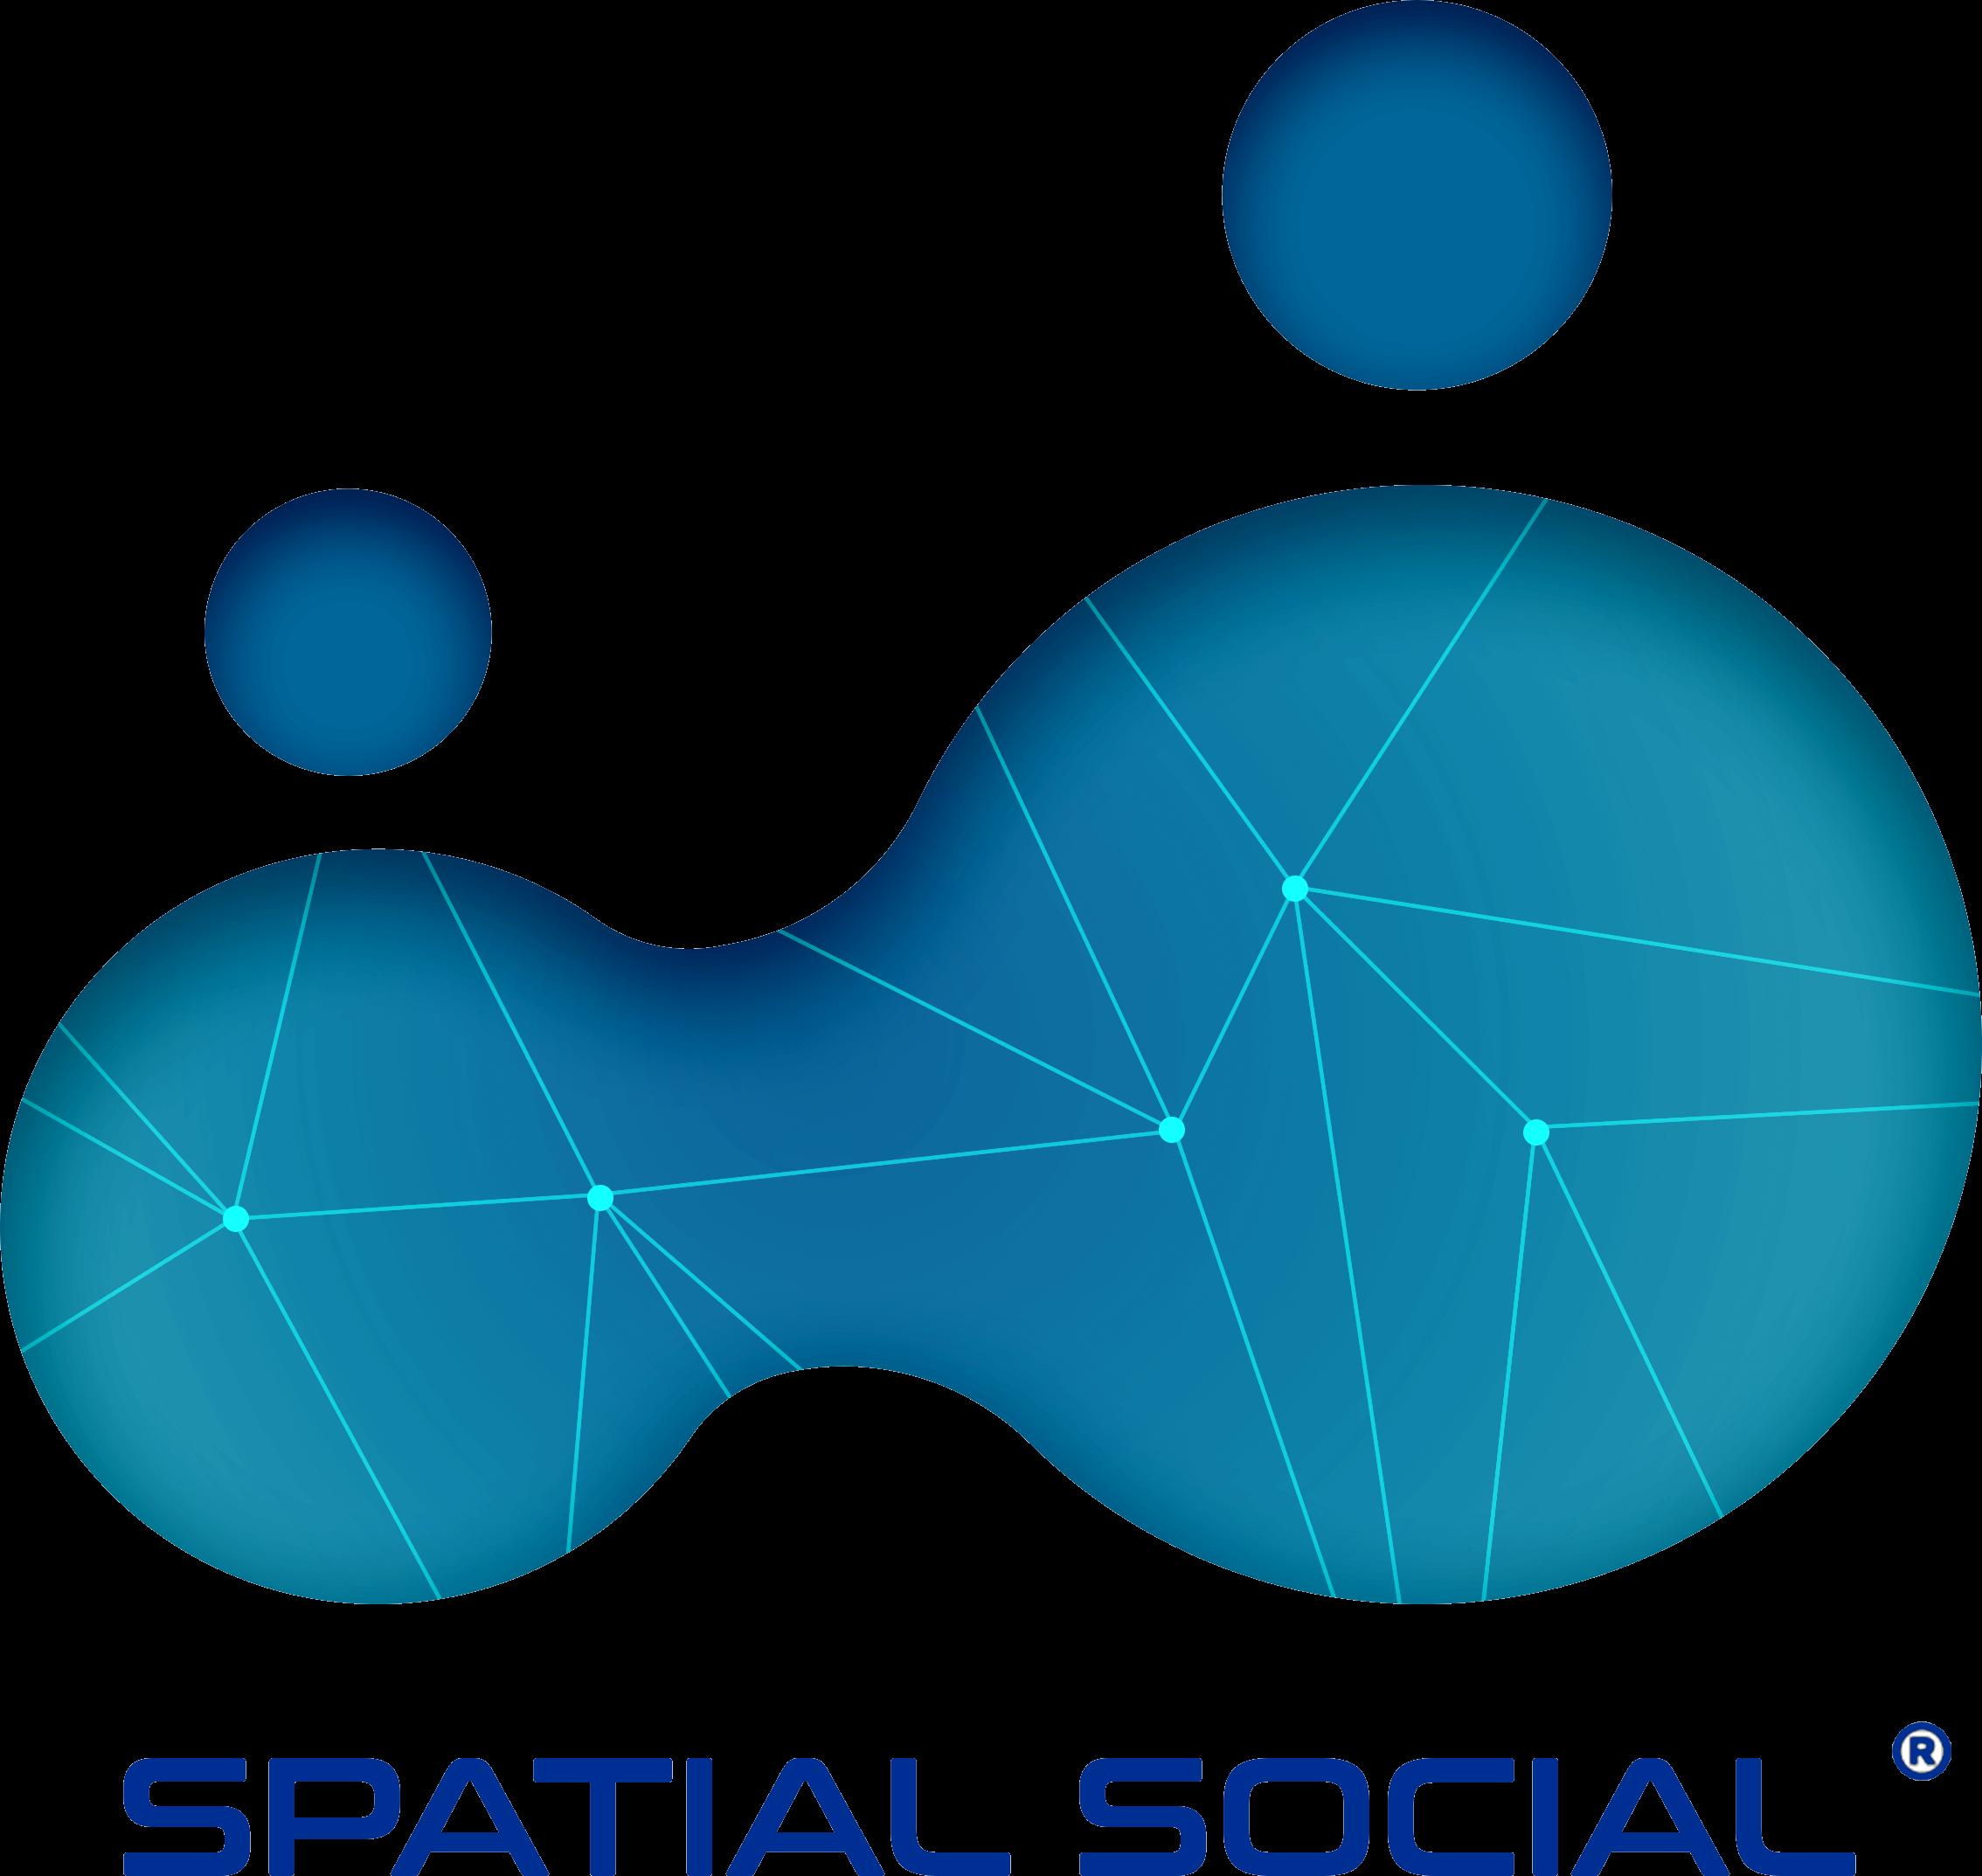 Spatial Social